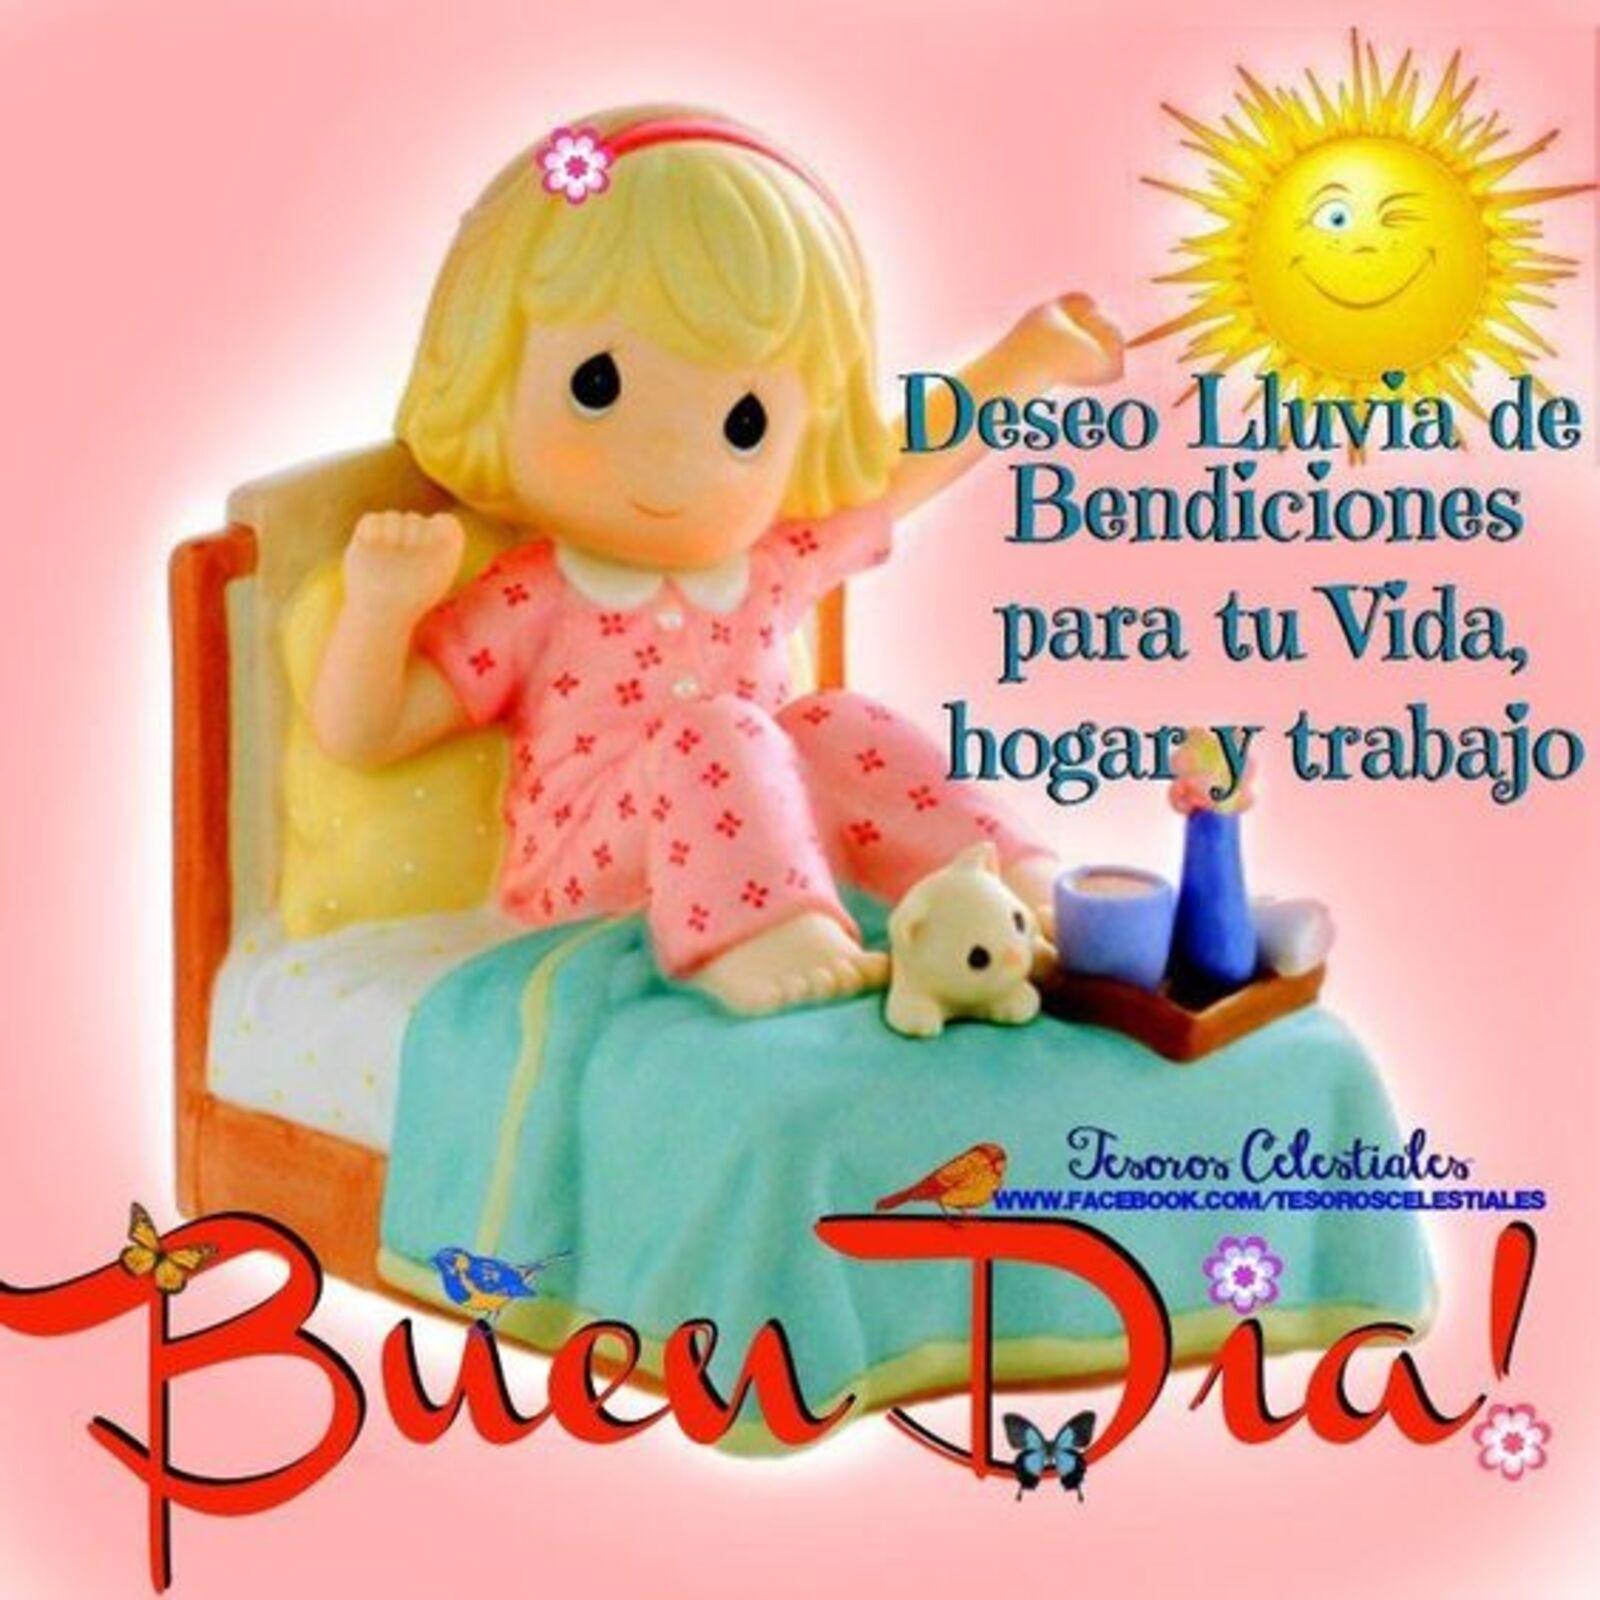 Deseo lluvia de bendiciones para tu vida, hogar y trabajo...Buen dia!!